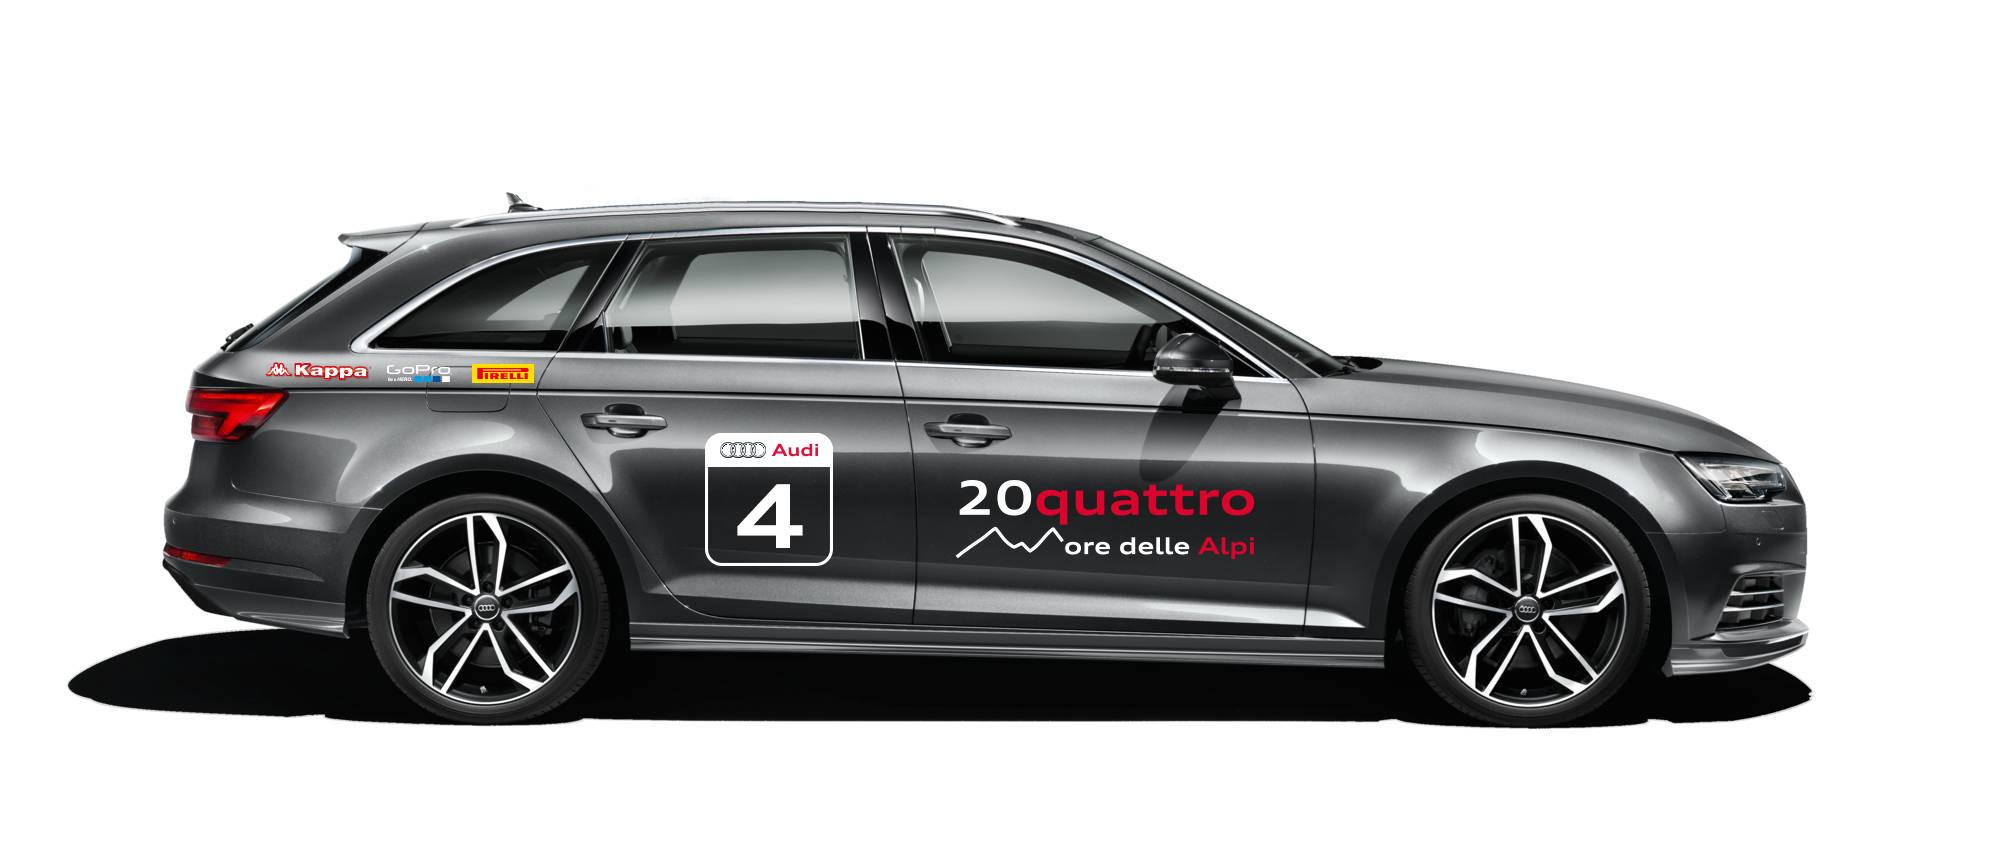 Audi A4 e la 20quattro ore delle Alpi